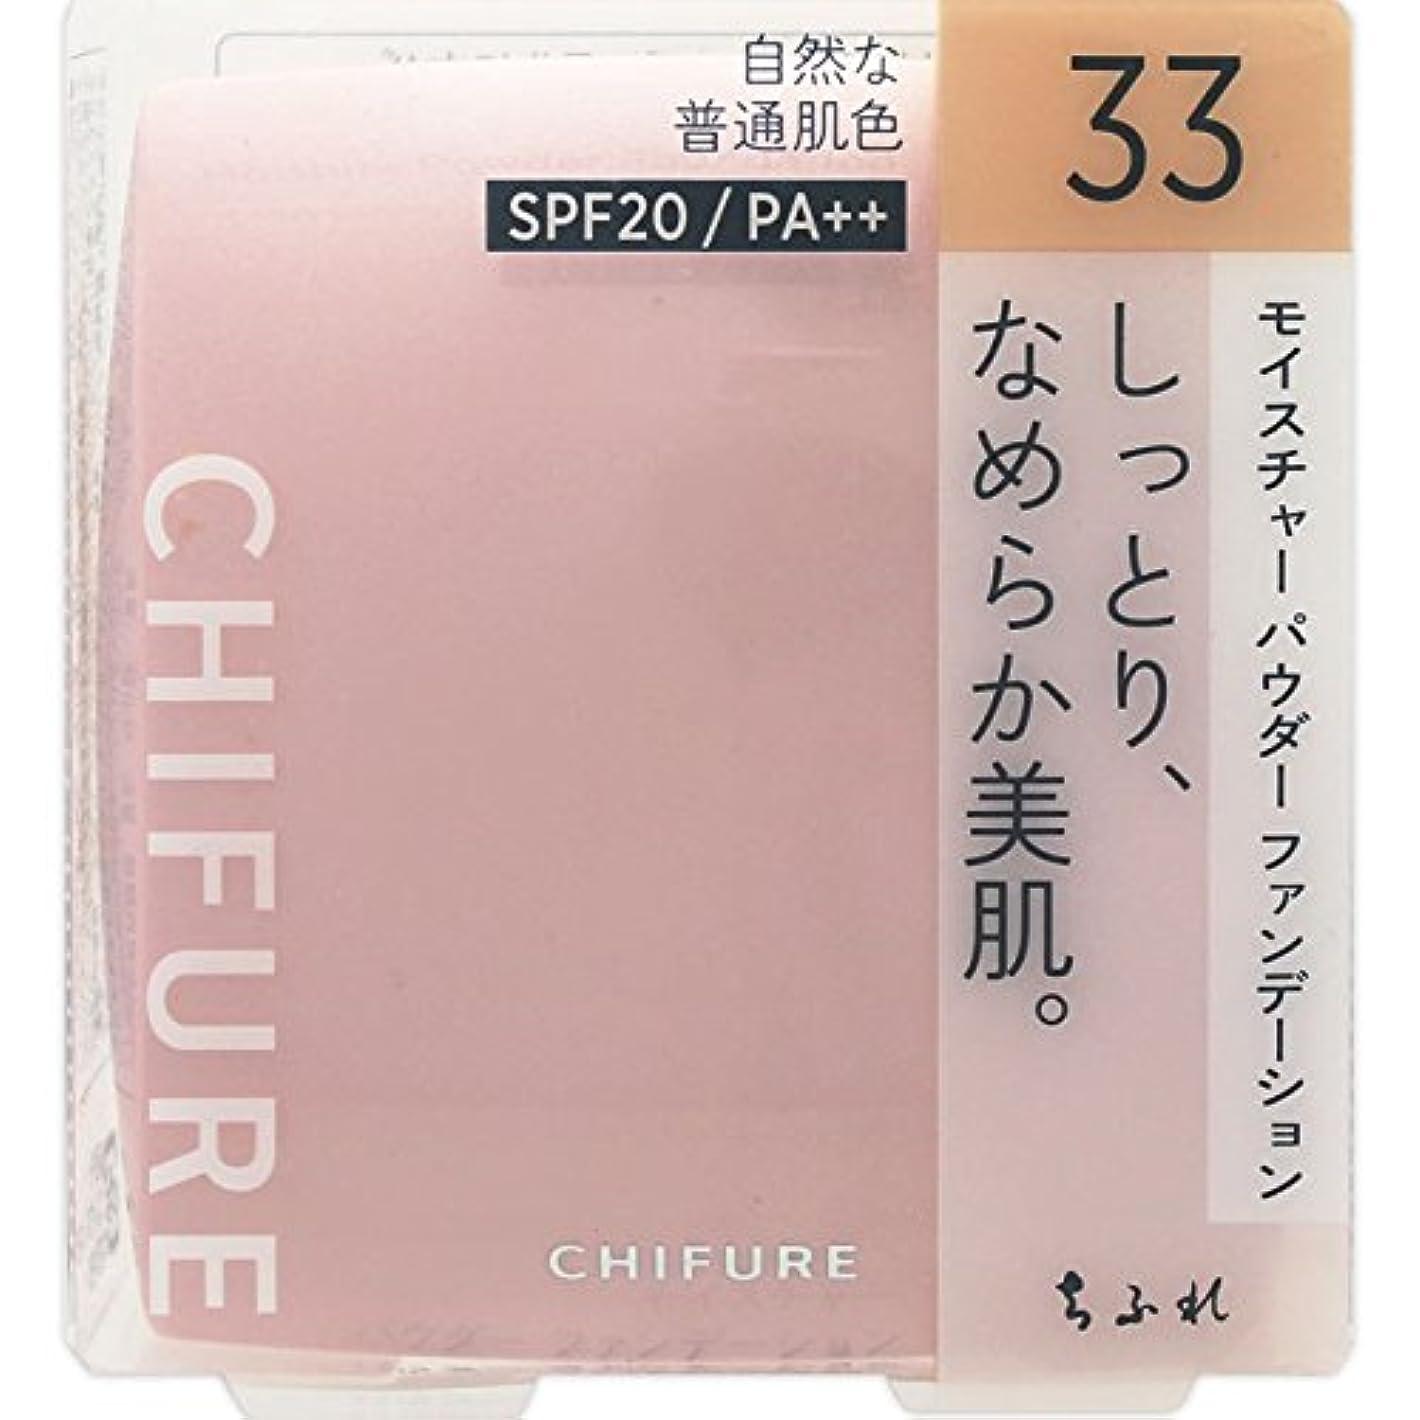 ペデスタル楽観的コンパイルちふれ化粧品 モイスチャー パウダーファンデーション(スポンジ入り) 33 オークル系 MパウダーFD33